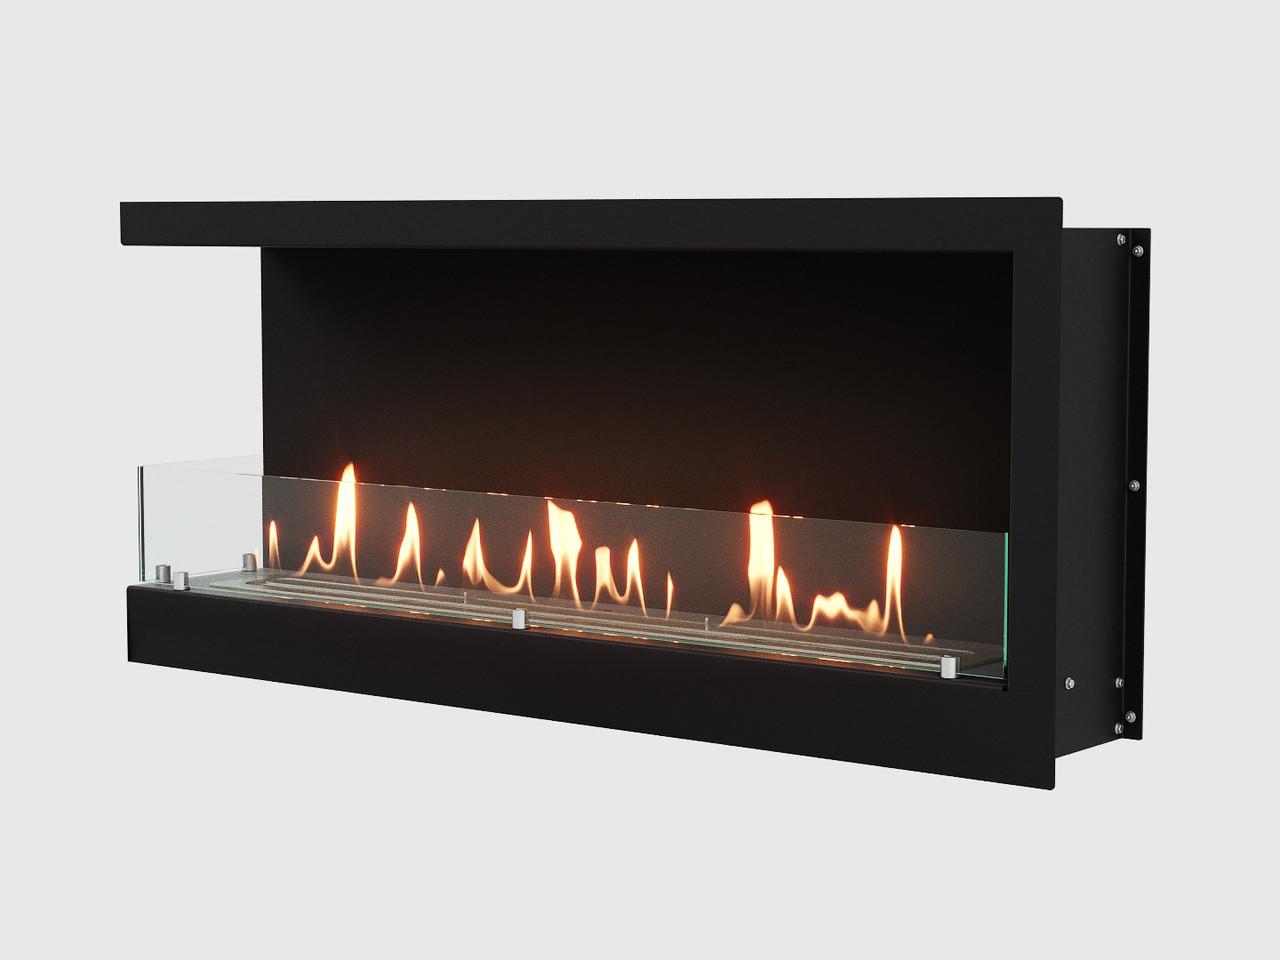 Встроенный биокамин Lux Fire Угловой 1090 S (левый угол)